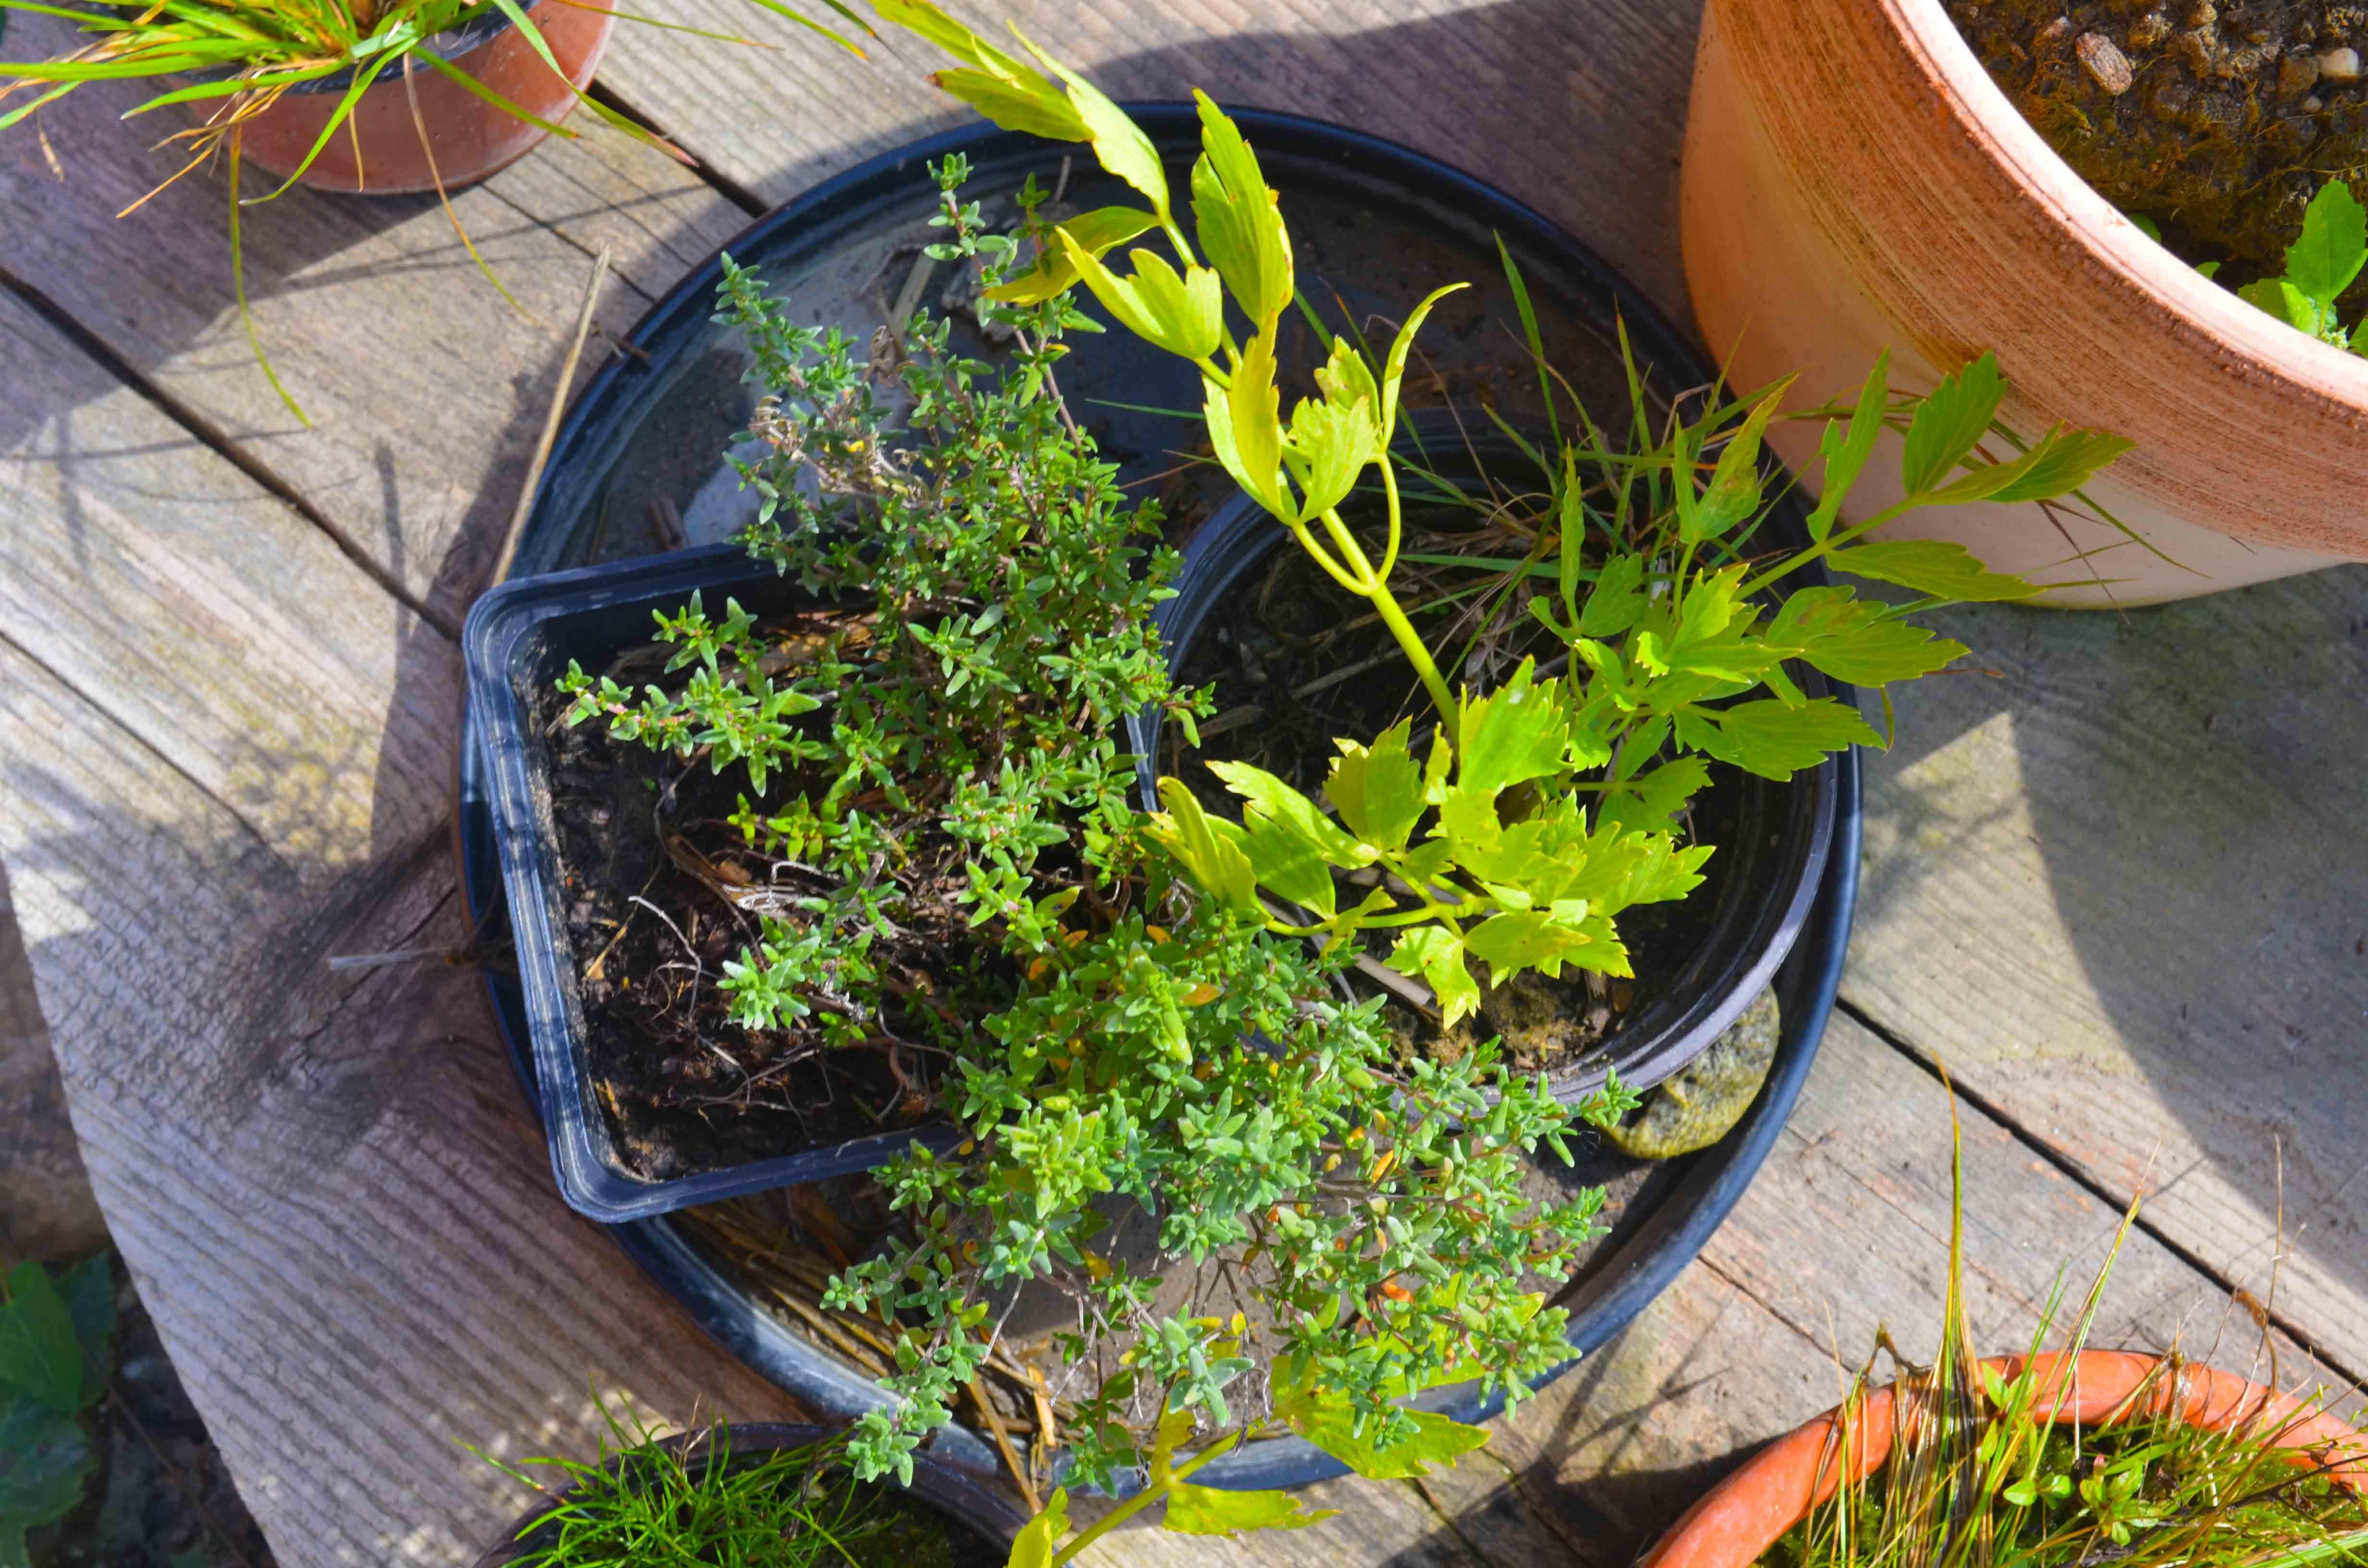 Gemüse anbauen im Topf für Anfänger - Haus und Beet